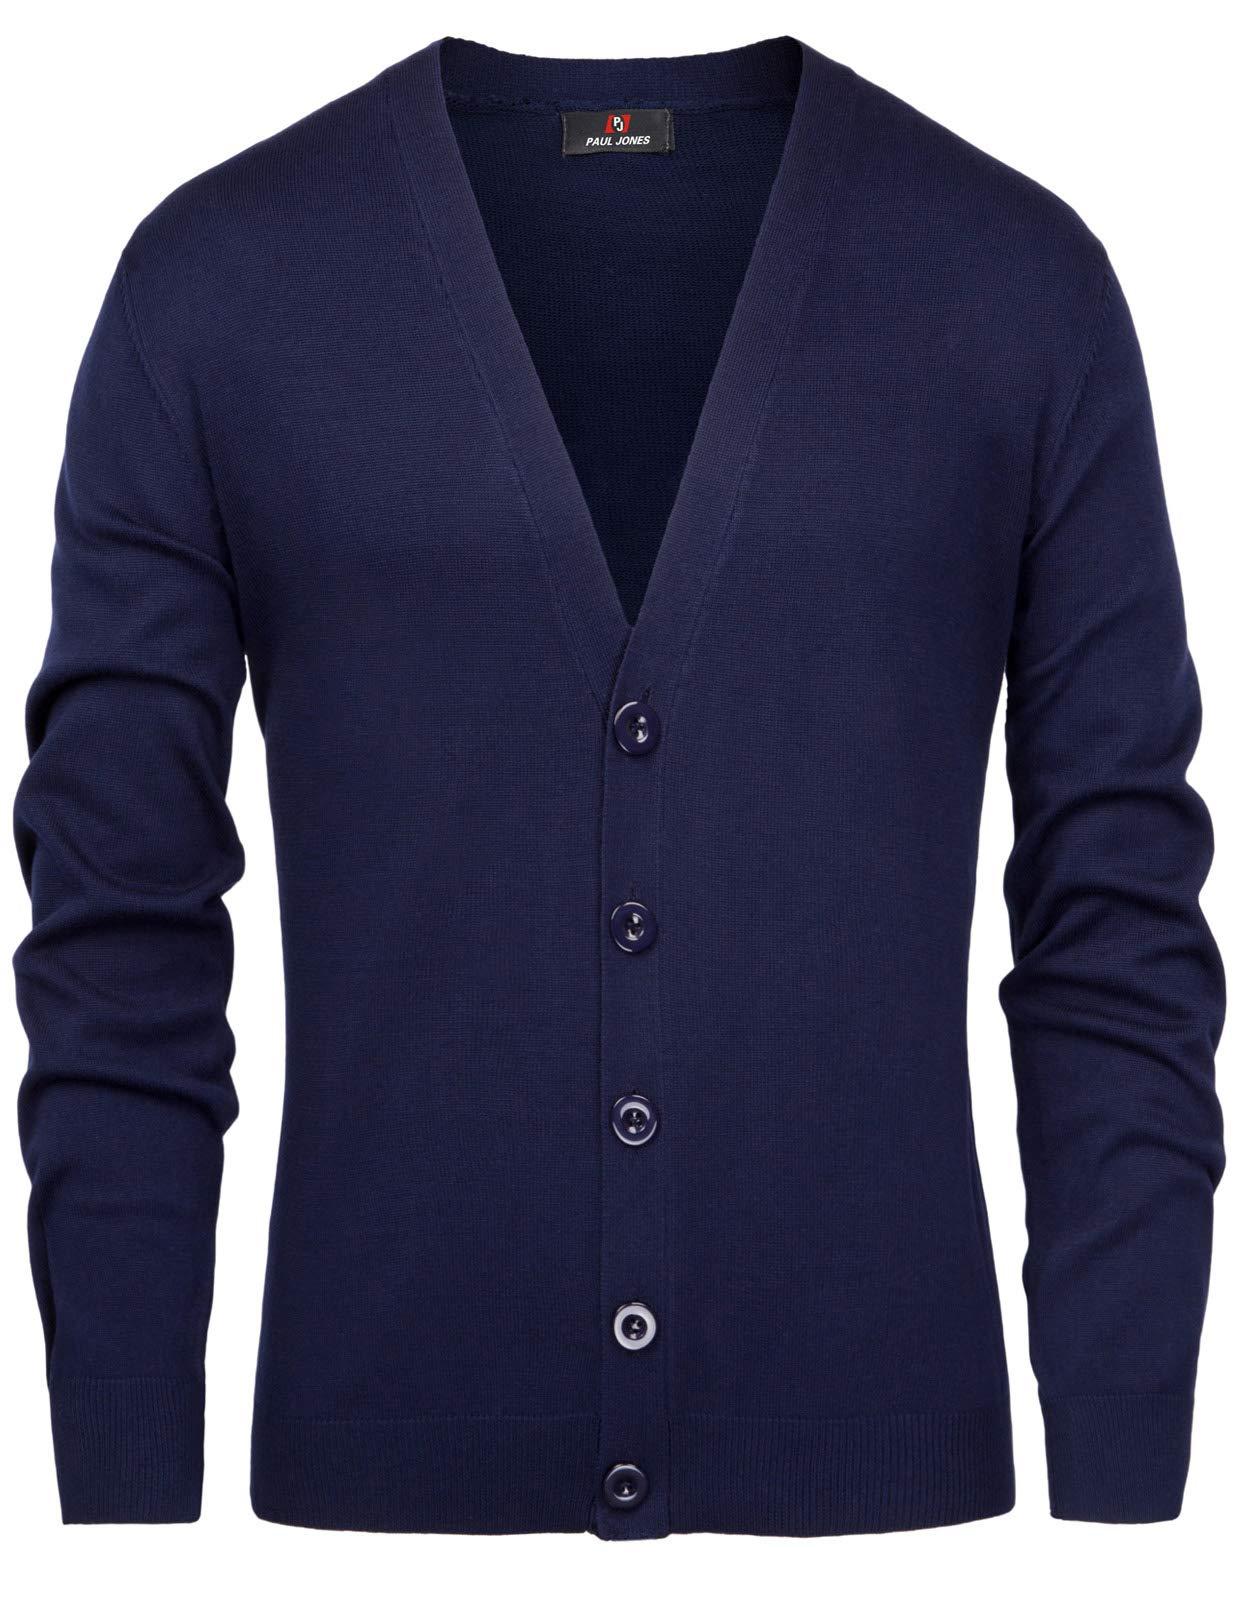 PAUL JONES Men's Slim Fit V-Neck Button Placket Knitting Knitwear S Navy Blue by PAUL JONES